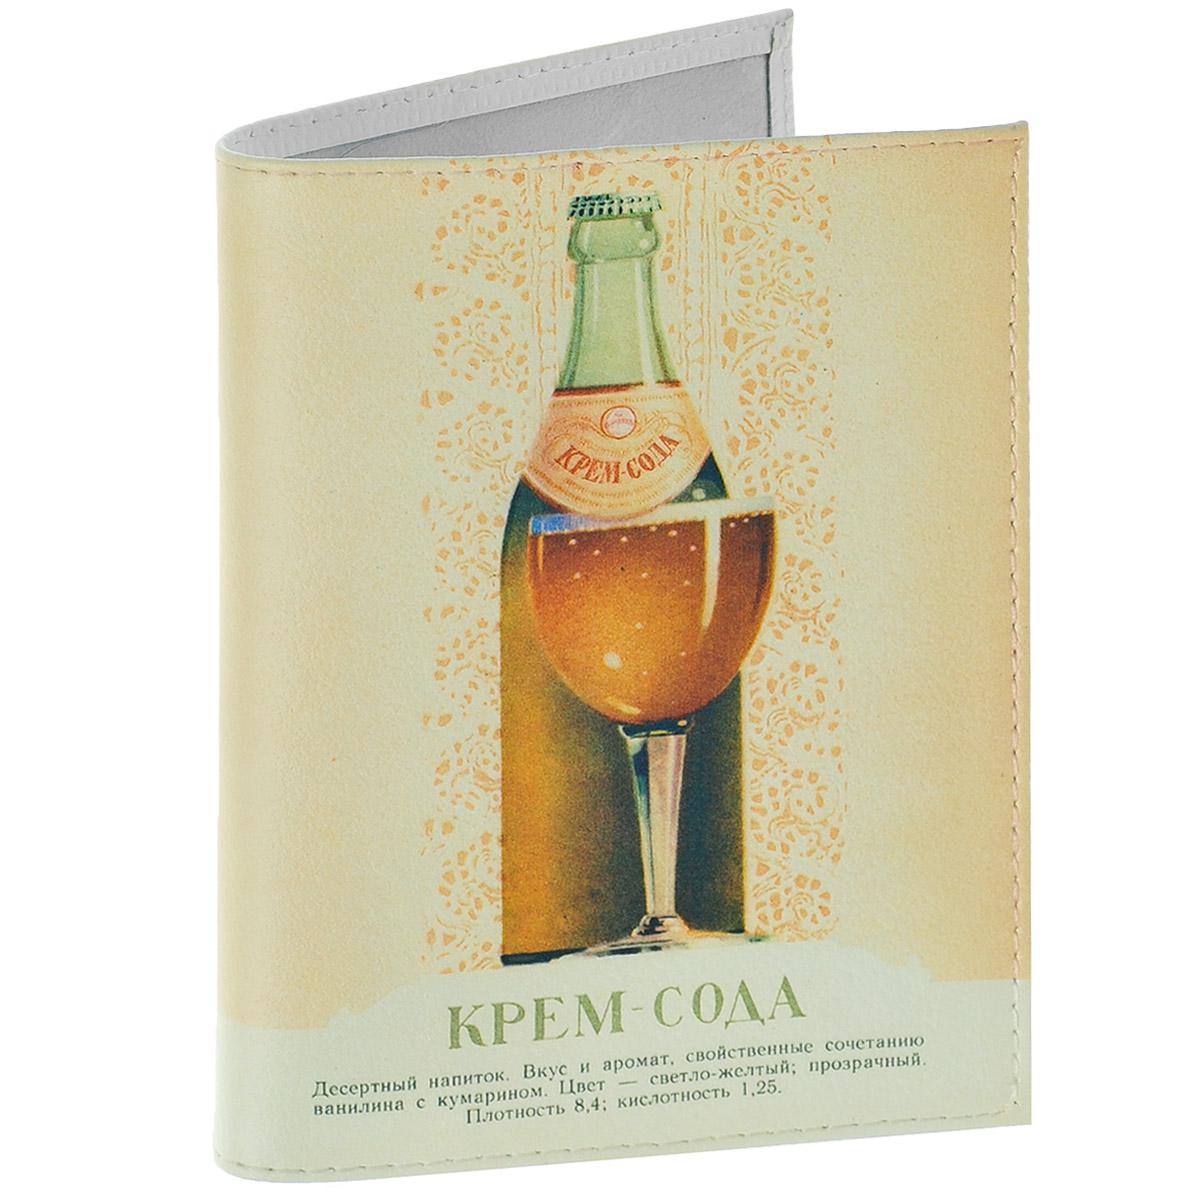 Обложка для паспорта Крем-сода. OK272 для похудения сода и лимон